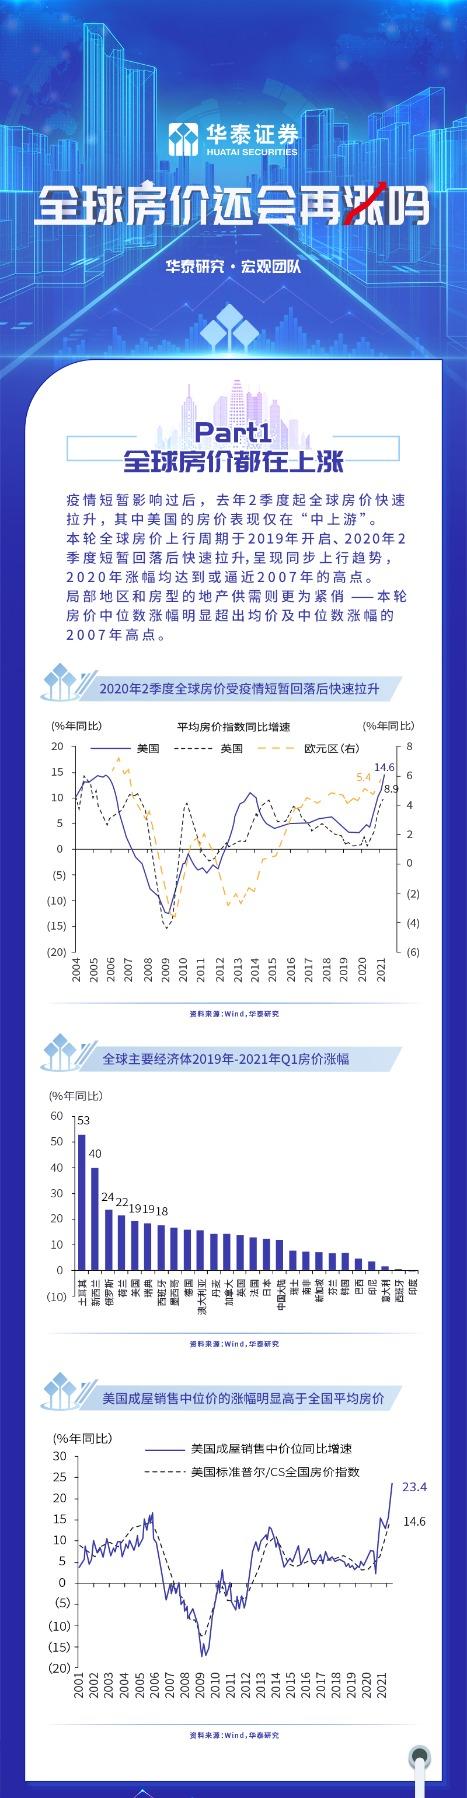 华泰证券:全球房价还会再涨吗